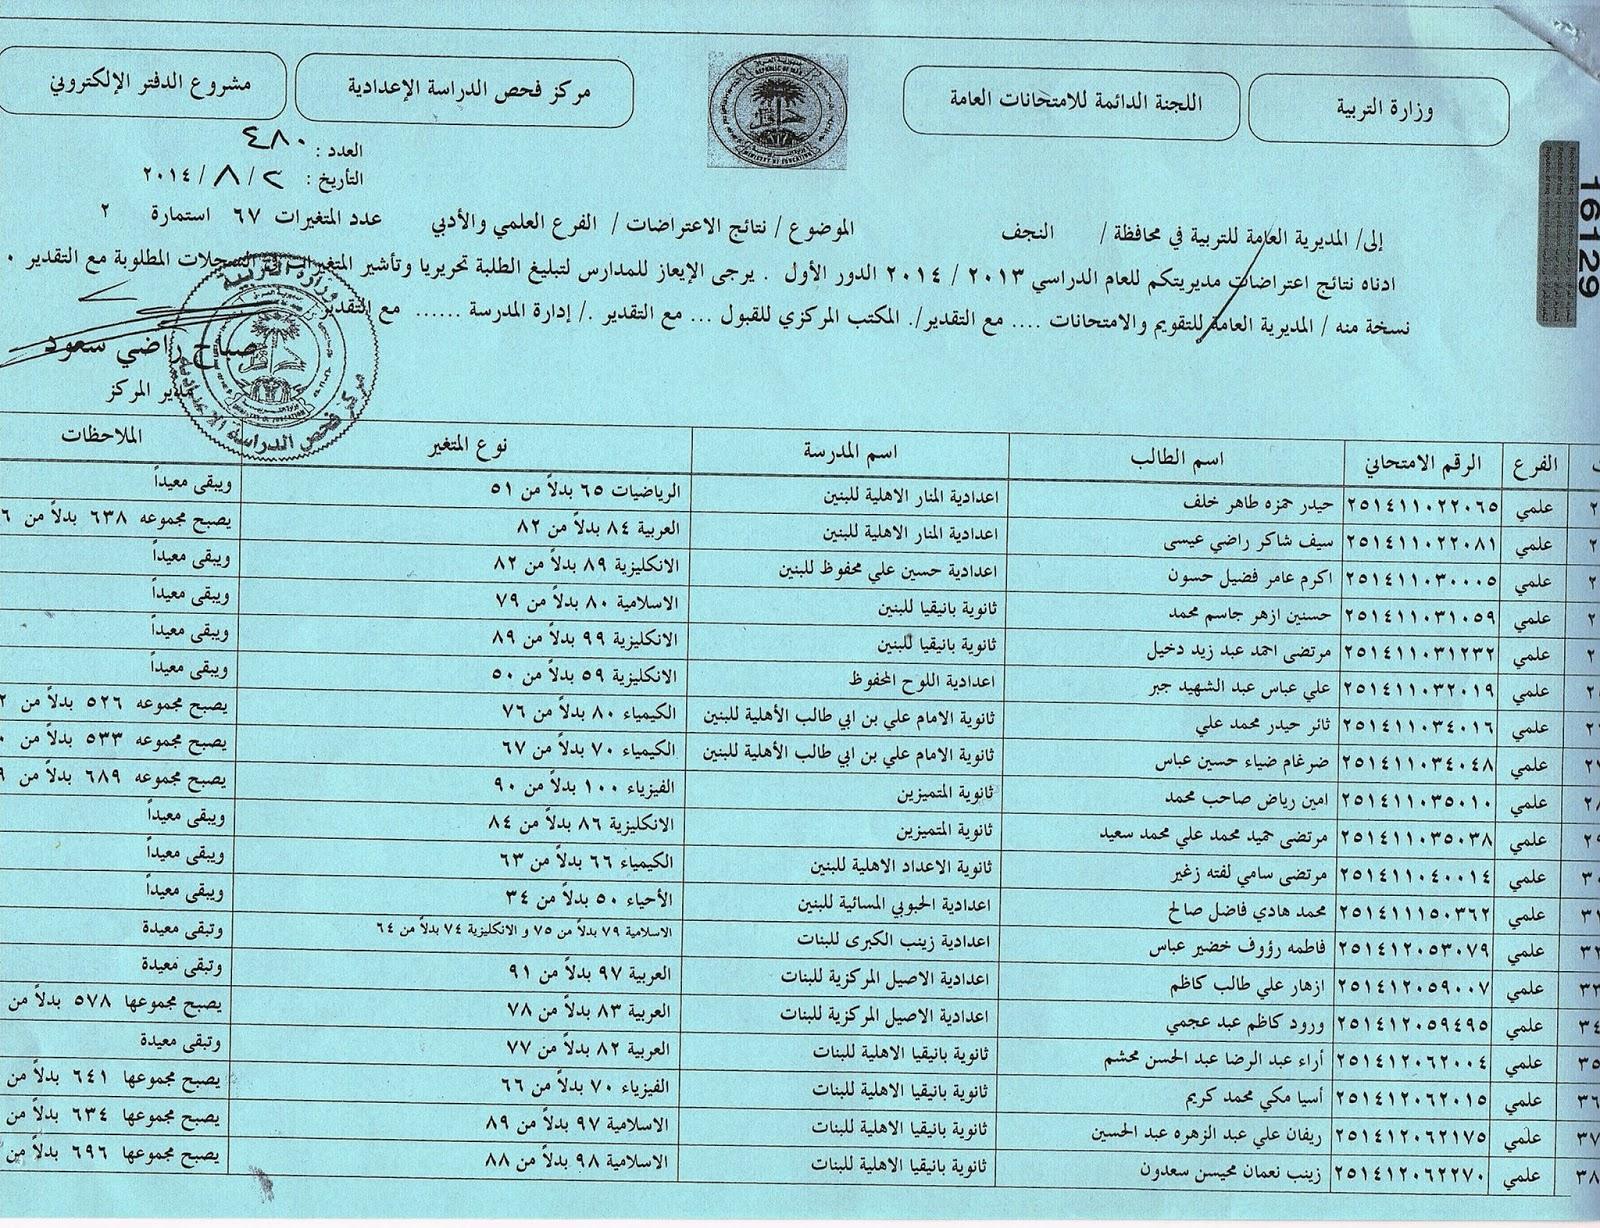 نتائج اعتراضات محافظة النجف السادس العلمي و الادبي 2014  10506978_275167802669957_6335847654037765196_o